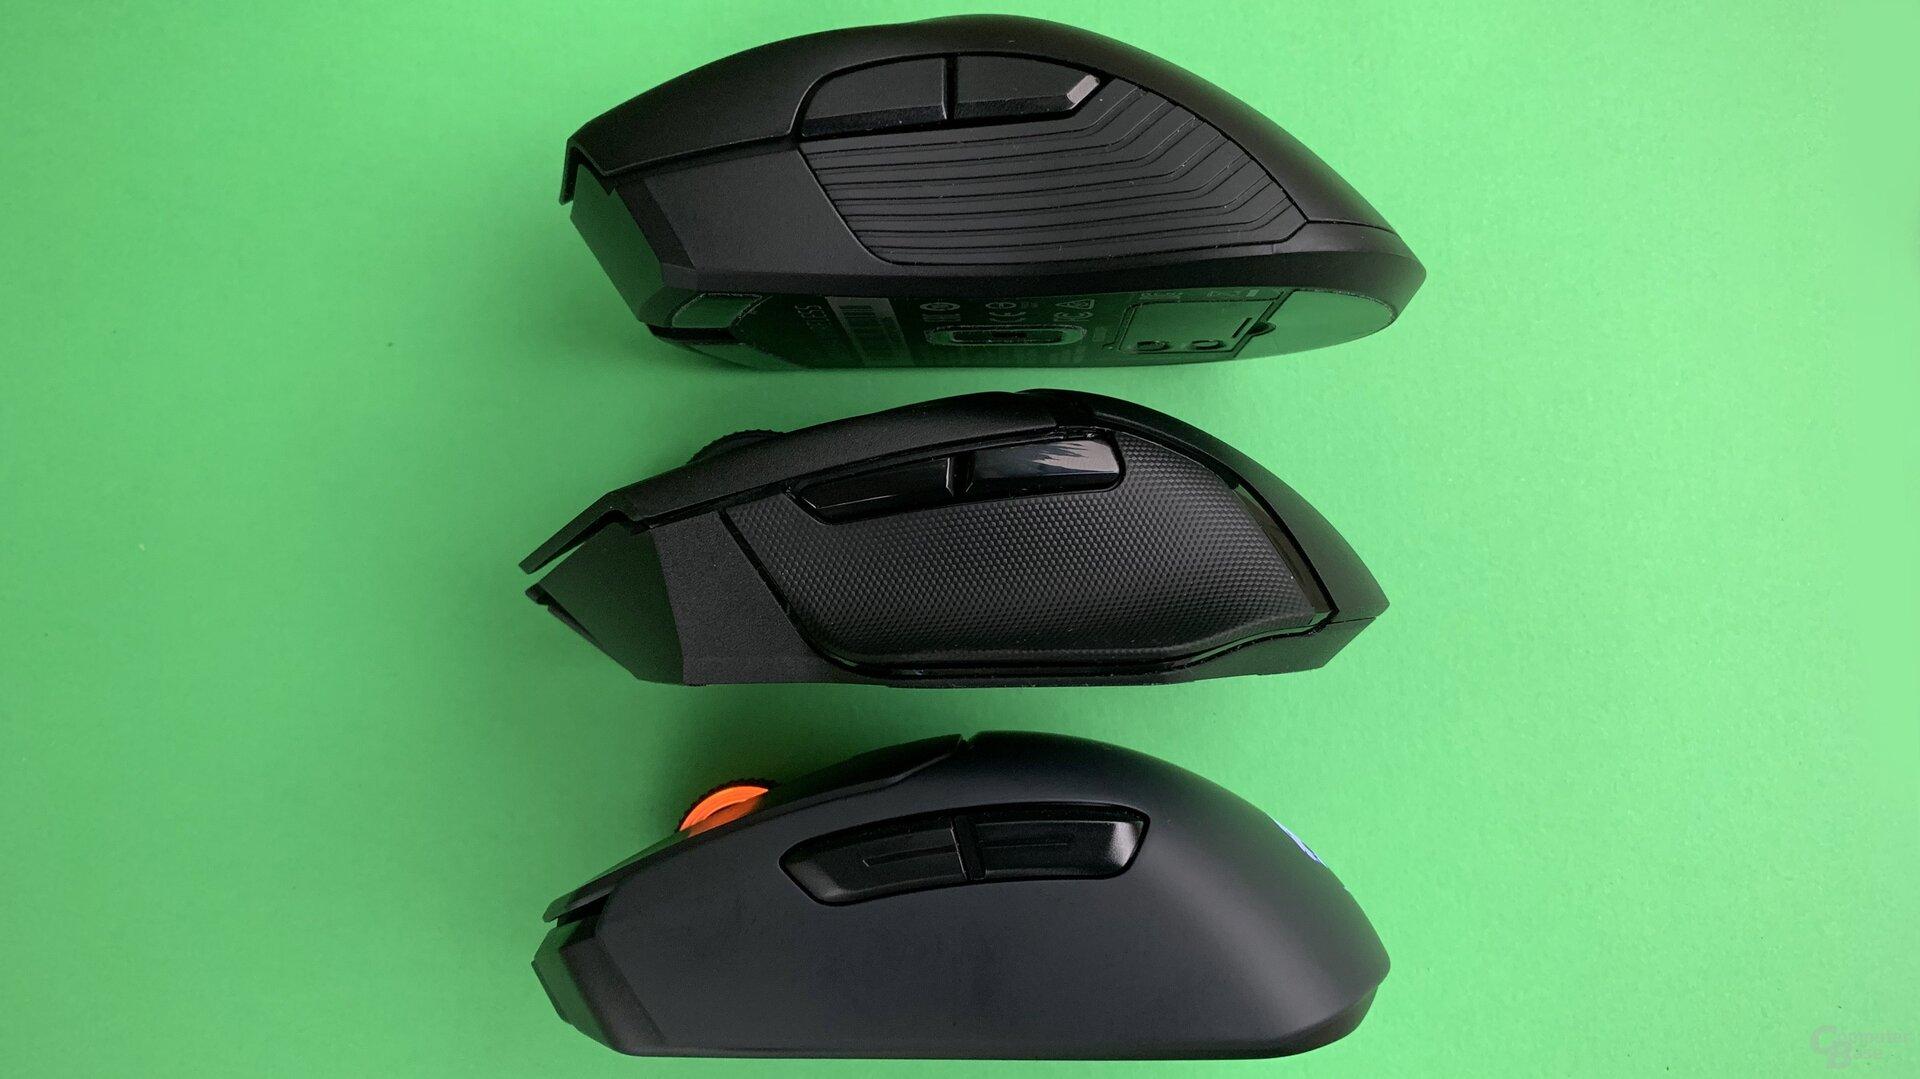 Razer Mamba Wireless, Razer Basilisk X HyperSpeed & Roccat Kain 200 Aimo